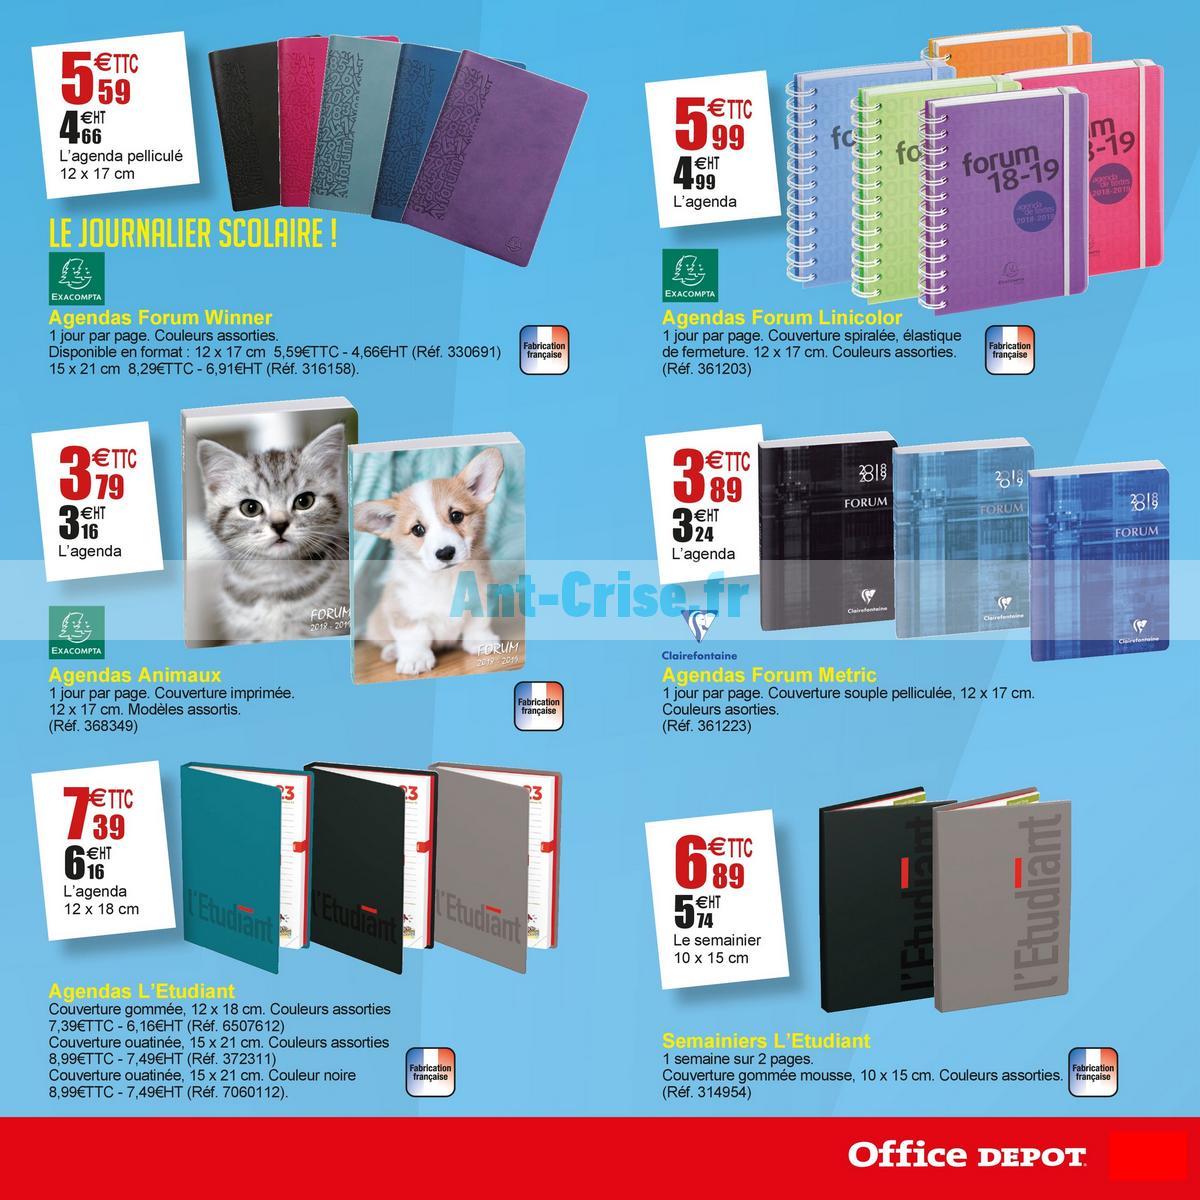 août2018 Catalogue Office Dépôt du 18 juin au 19 août 2018 (7)